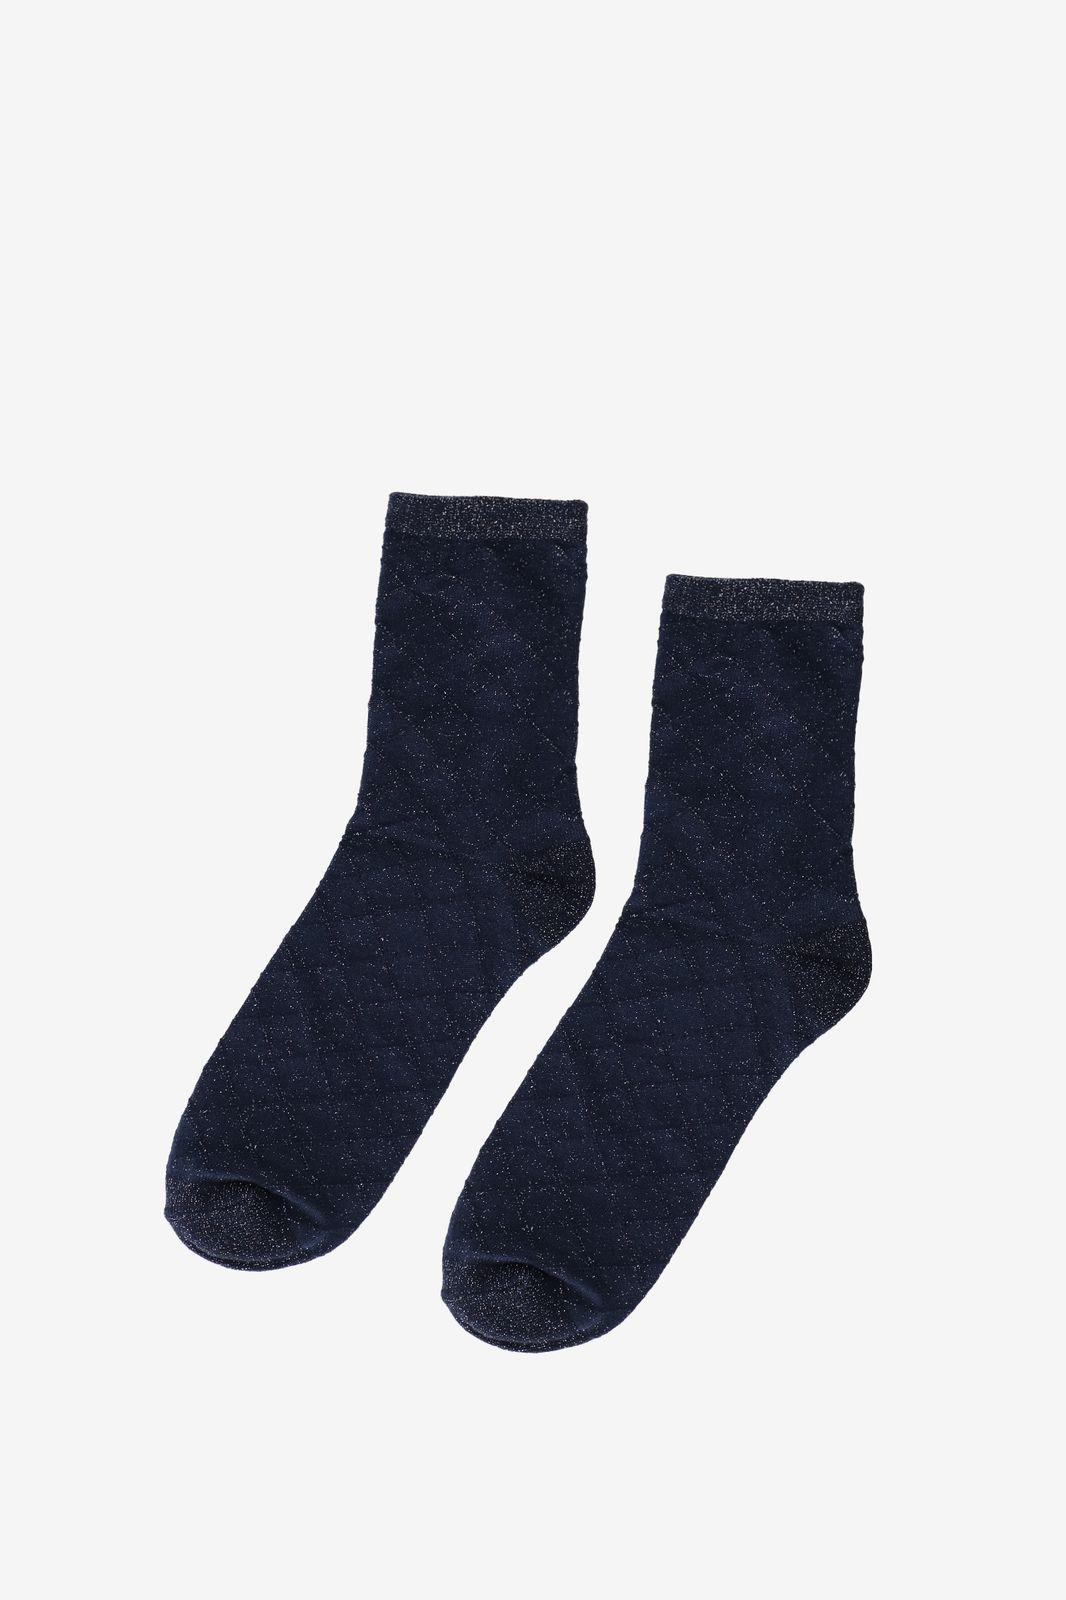 Becksöndergaard donkerblauwe sokken met lurex en ruit dessin - Dames | Sissy-Boy